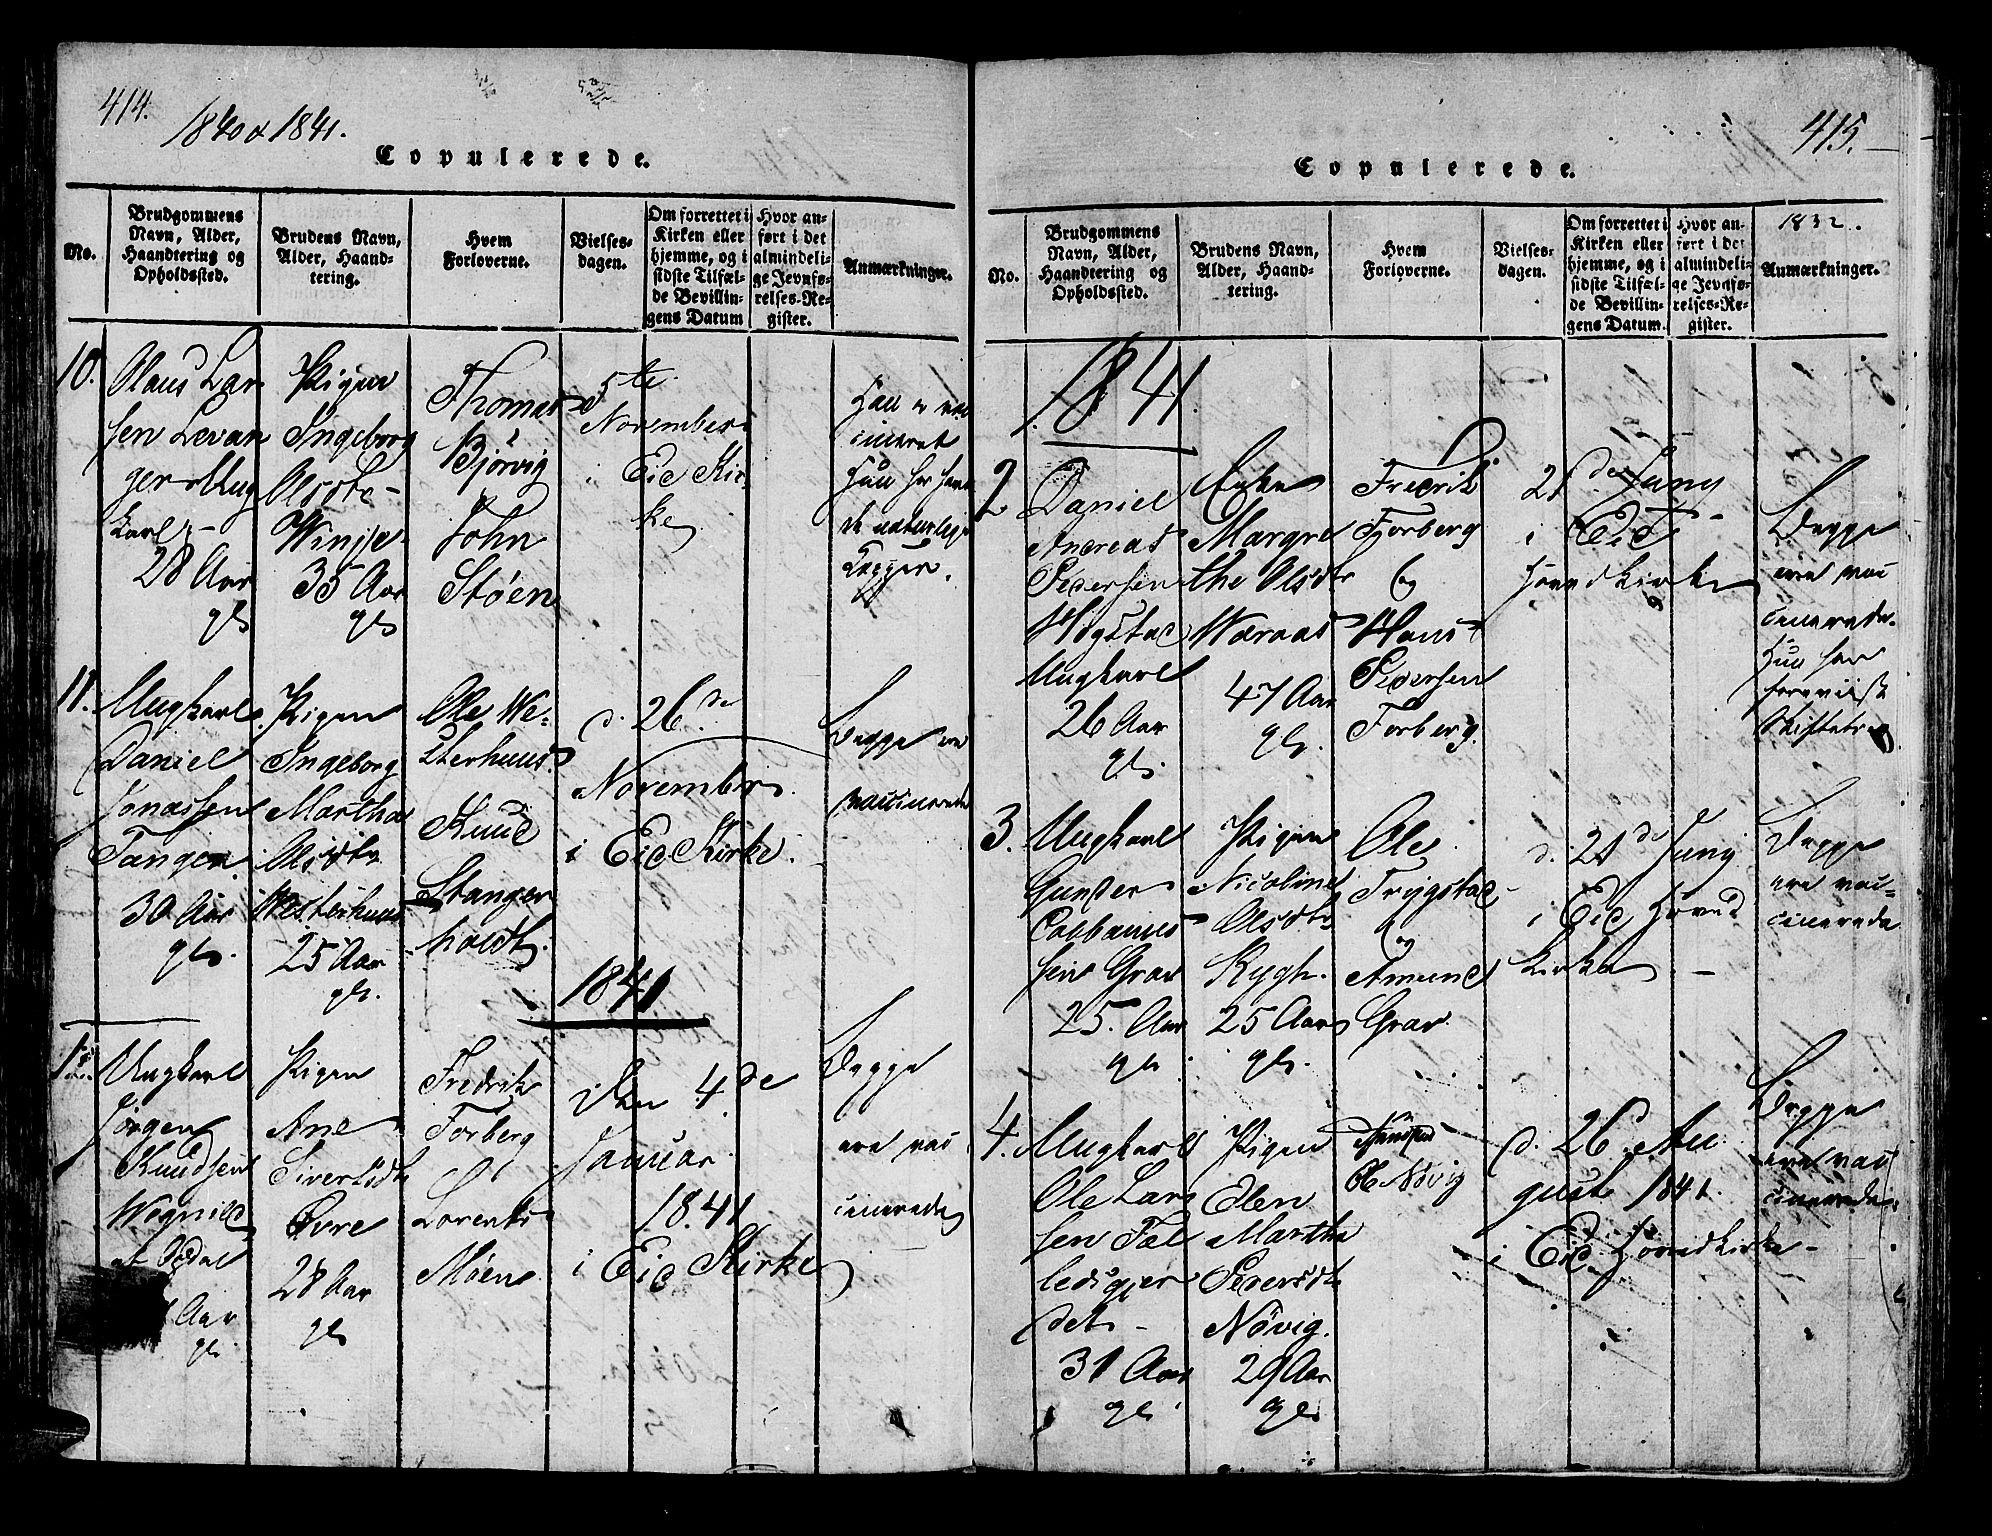 SAT, Ministerialprotokoller, klokkerbøker og fødselsregistre - Nord-Trøndelag, 722/L0217: Ministerialbok nr. 722A04, 1817-1842, s. 414-415